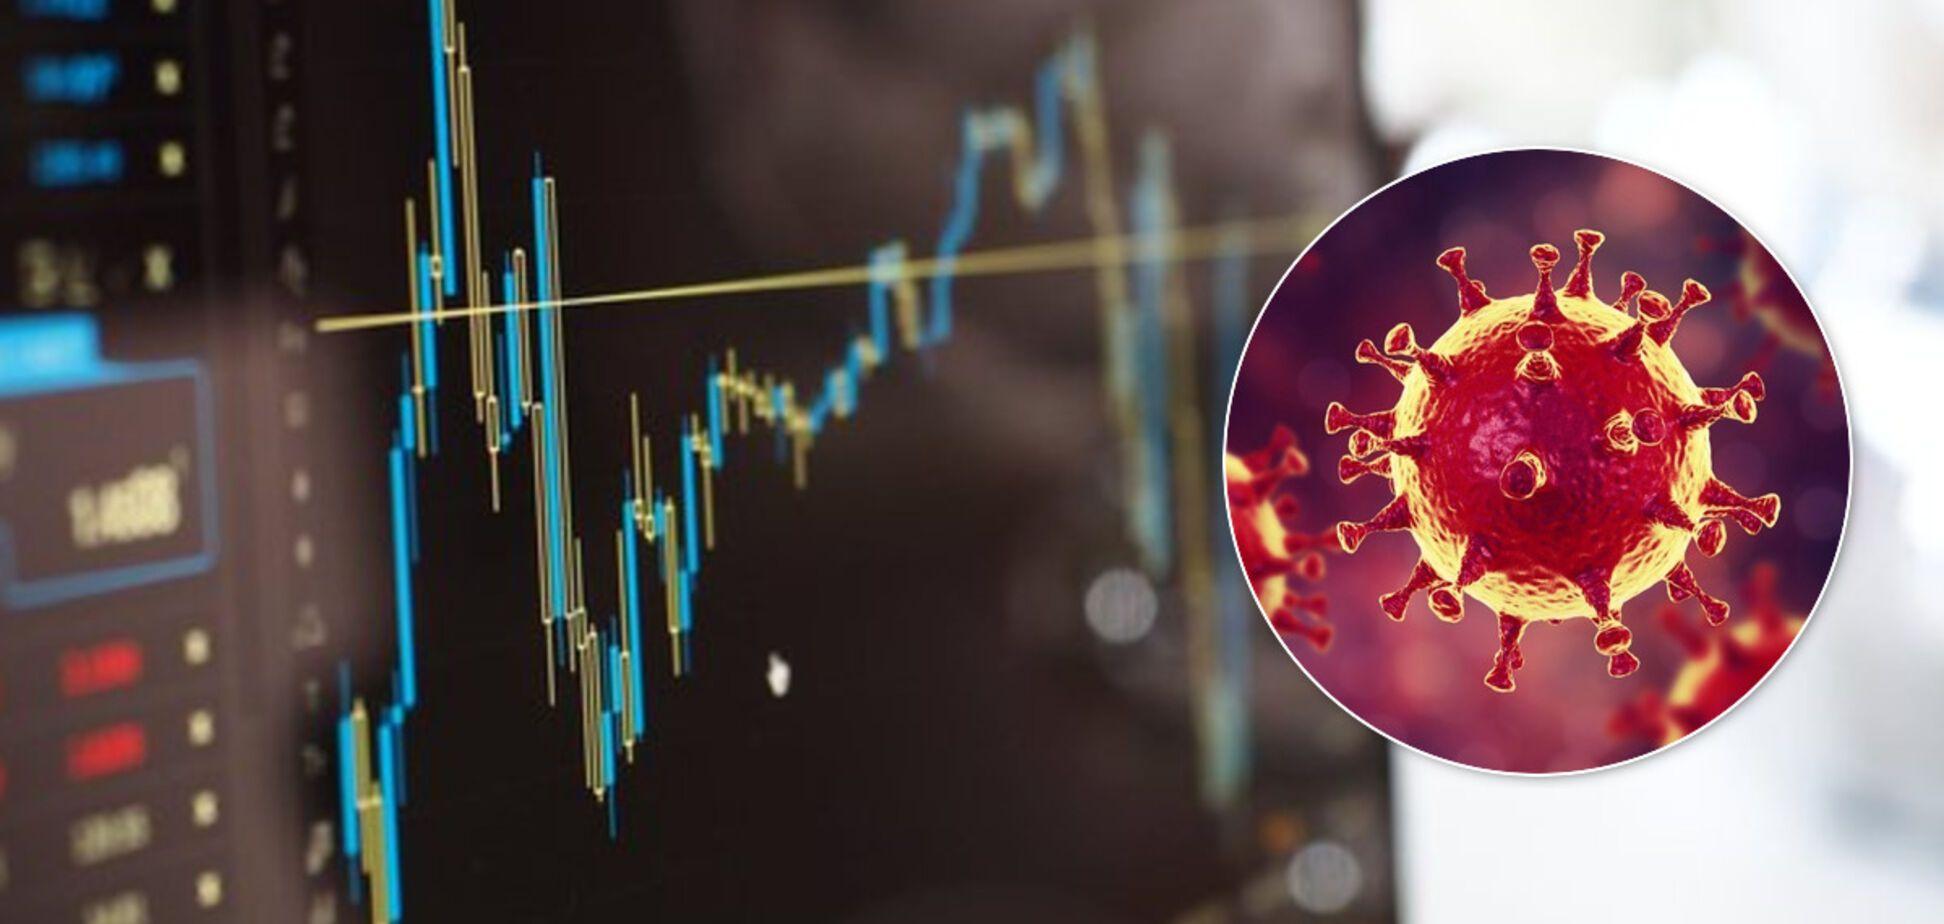 Мировой банк спрогнозировал, какие страны больше всего пострадают от коронавируса